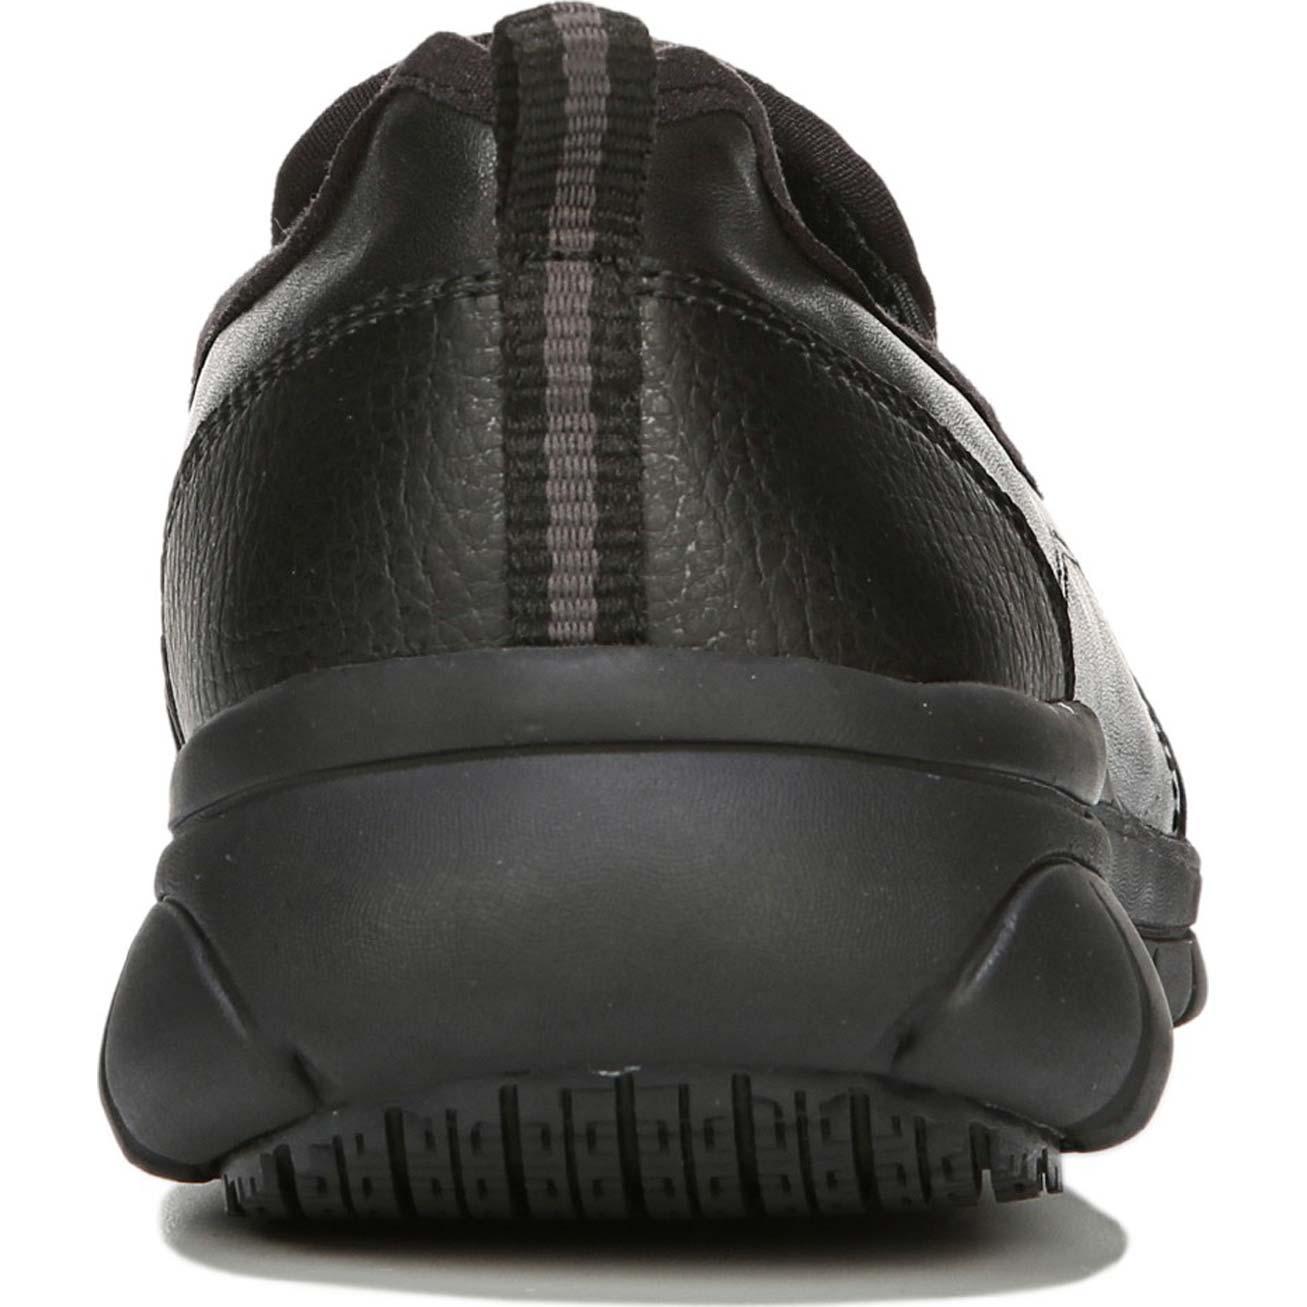 Slip On Slip Resistant Shoes